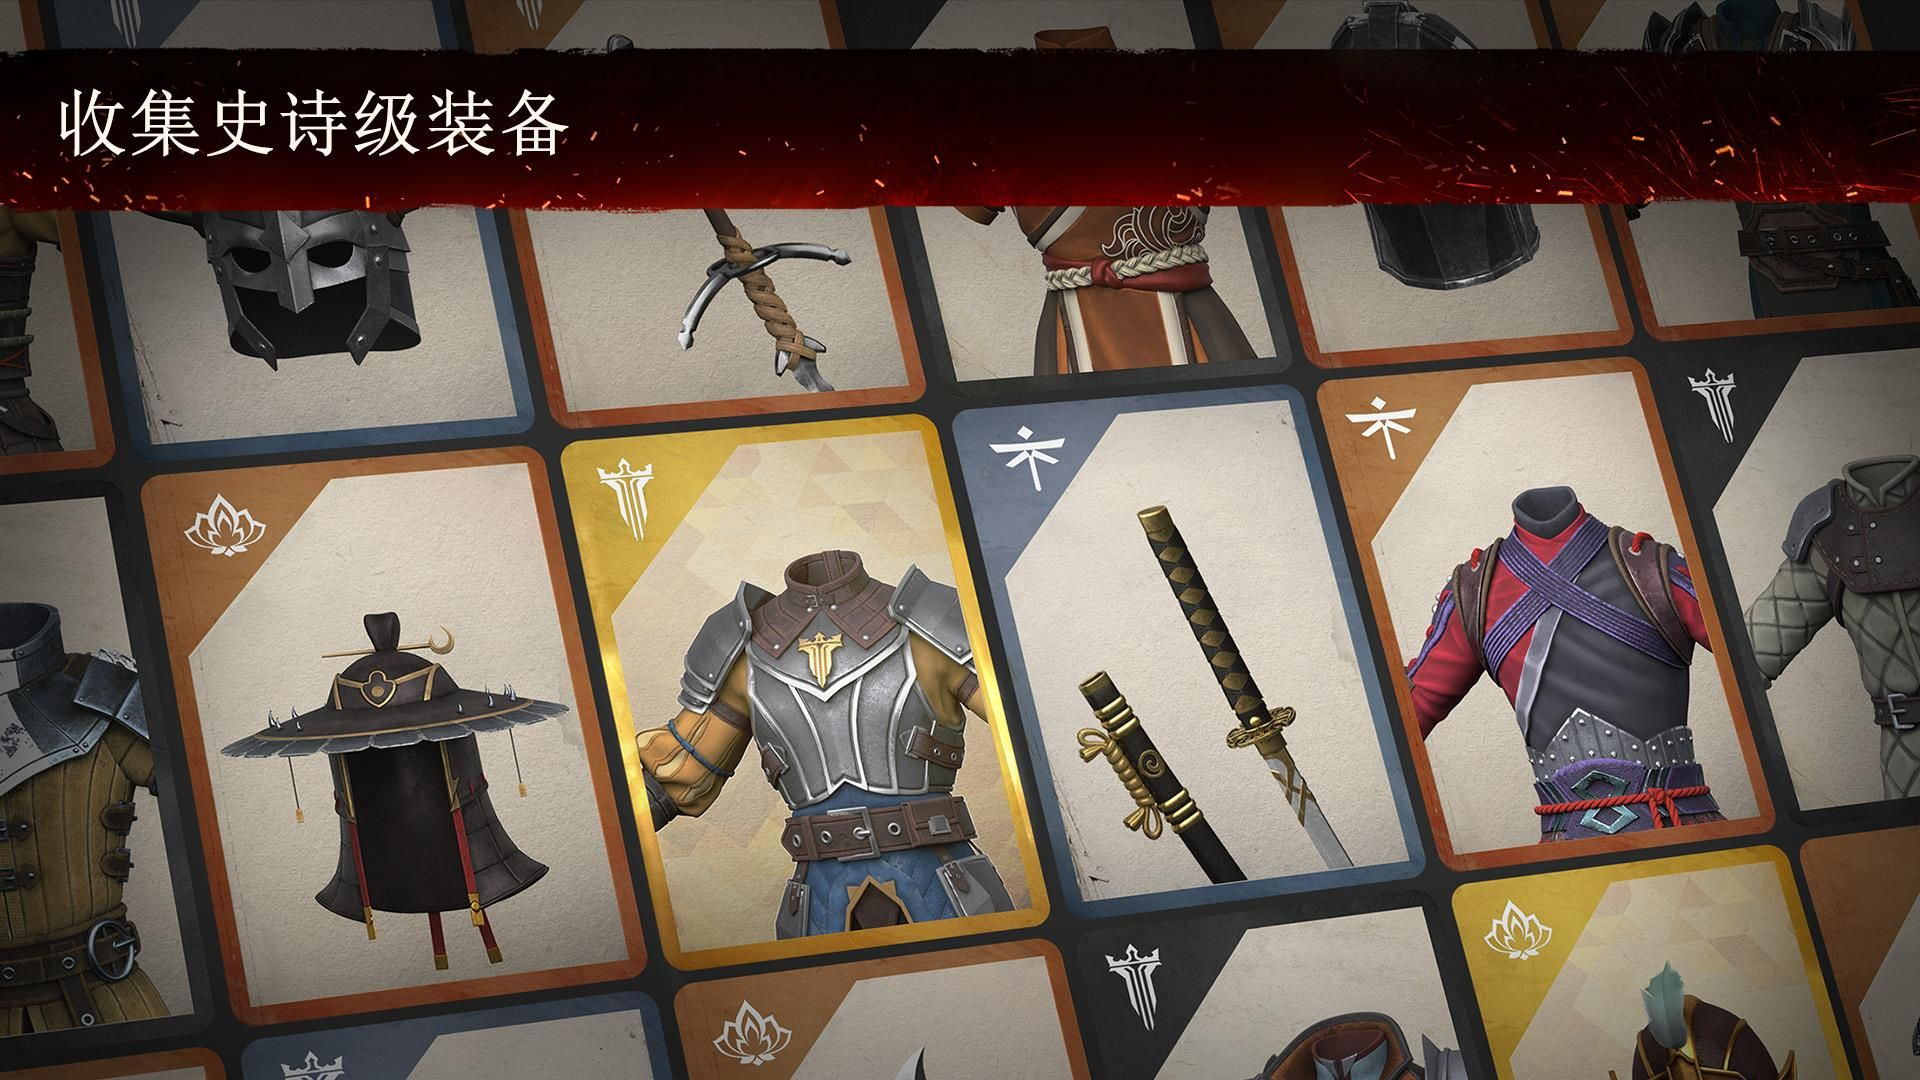 暗影格斗3 游戏截图4